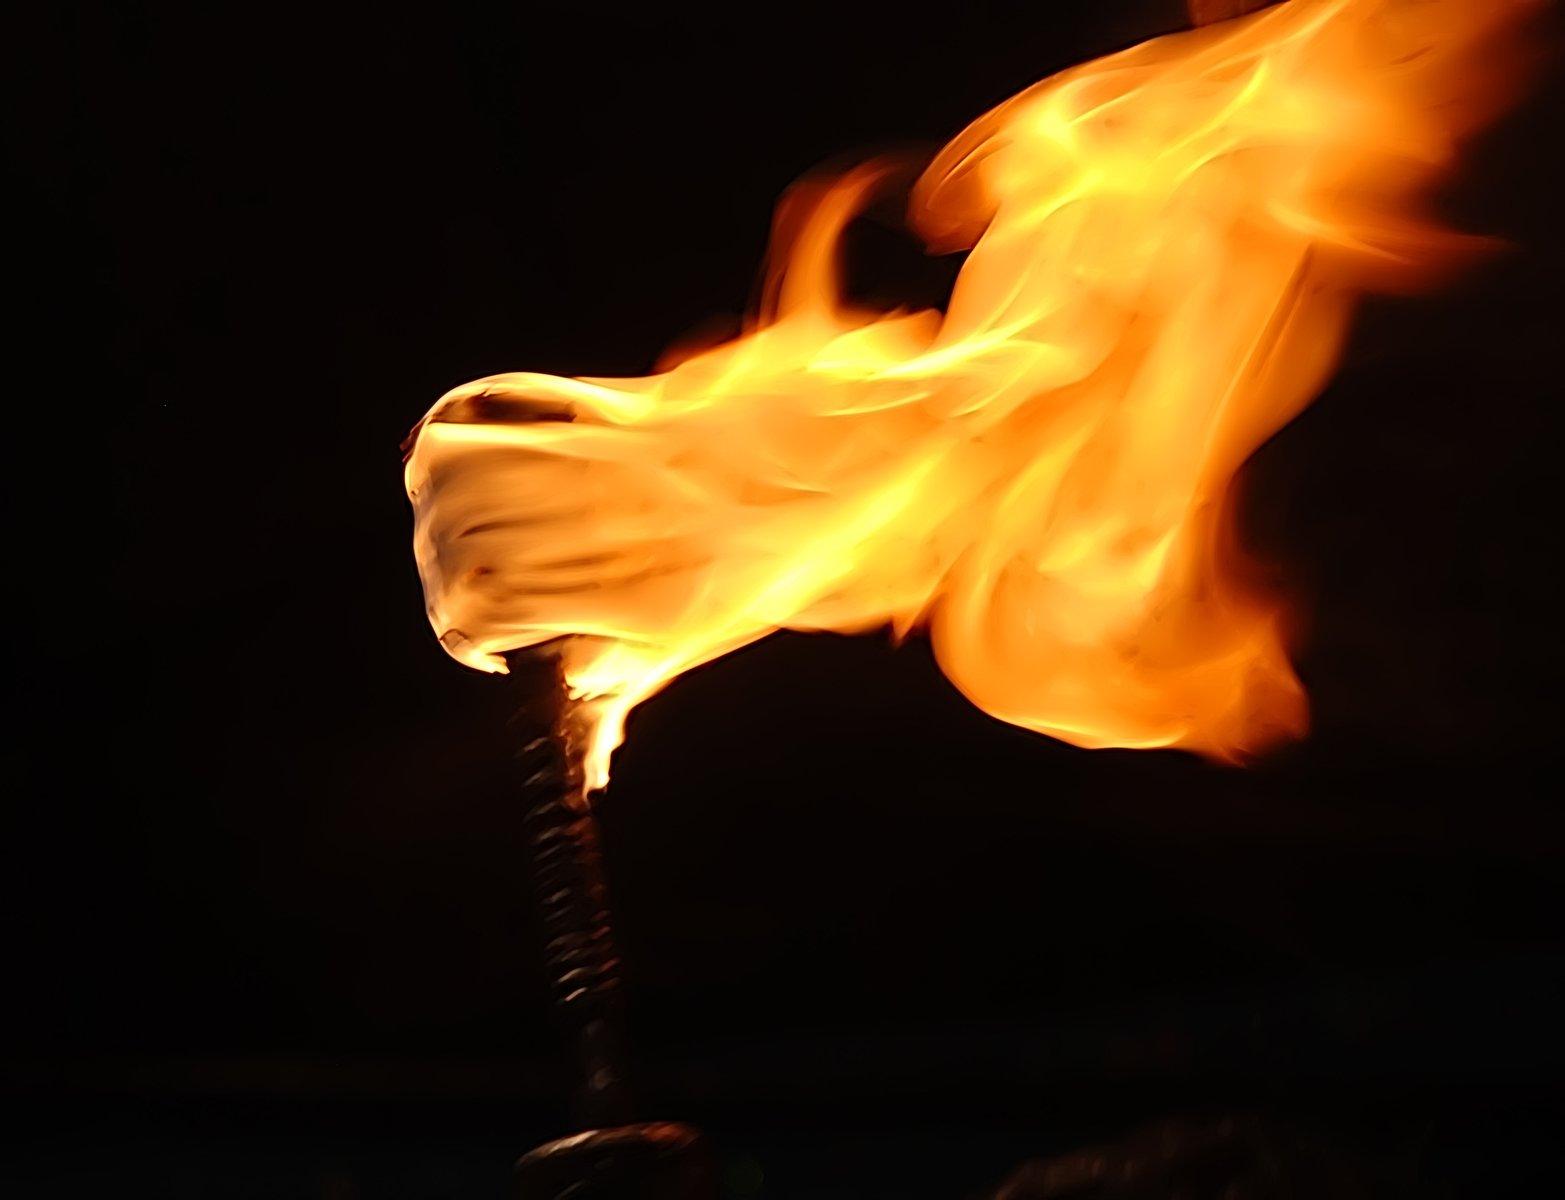 больно картинки и фото факела хате пьяную студентку